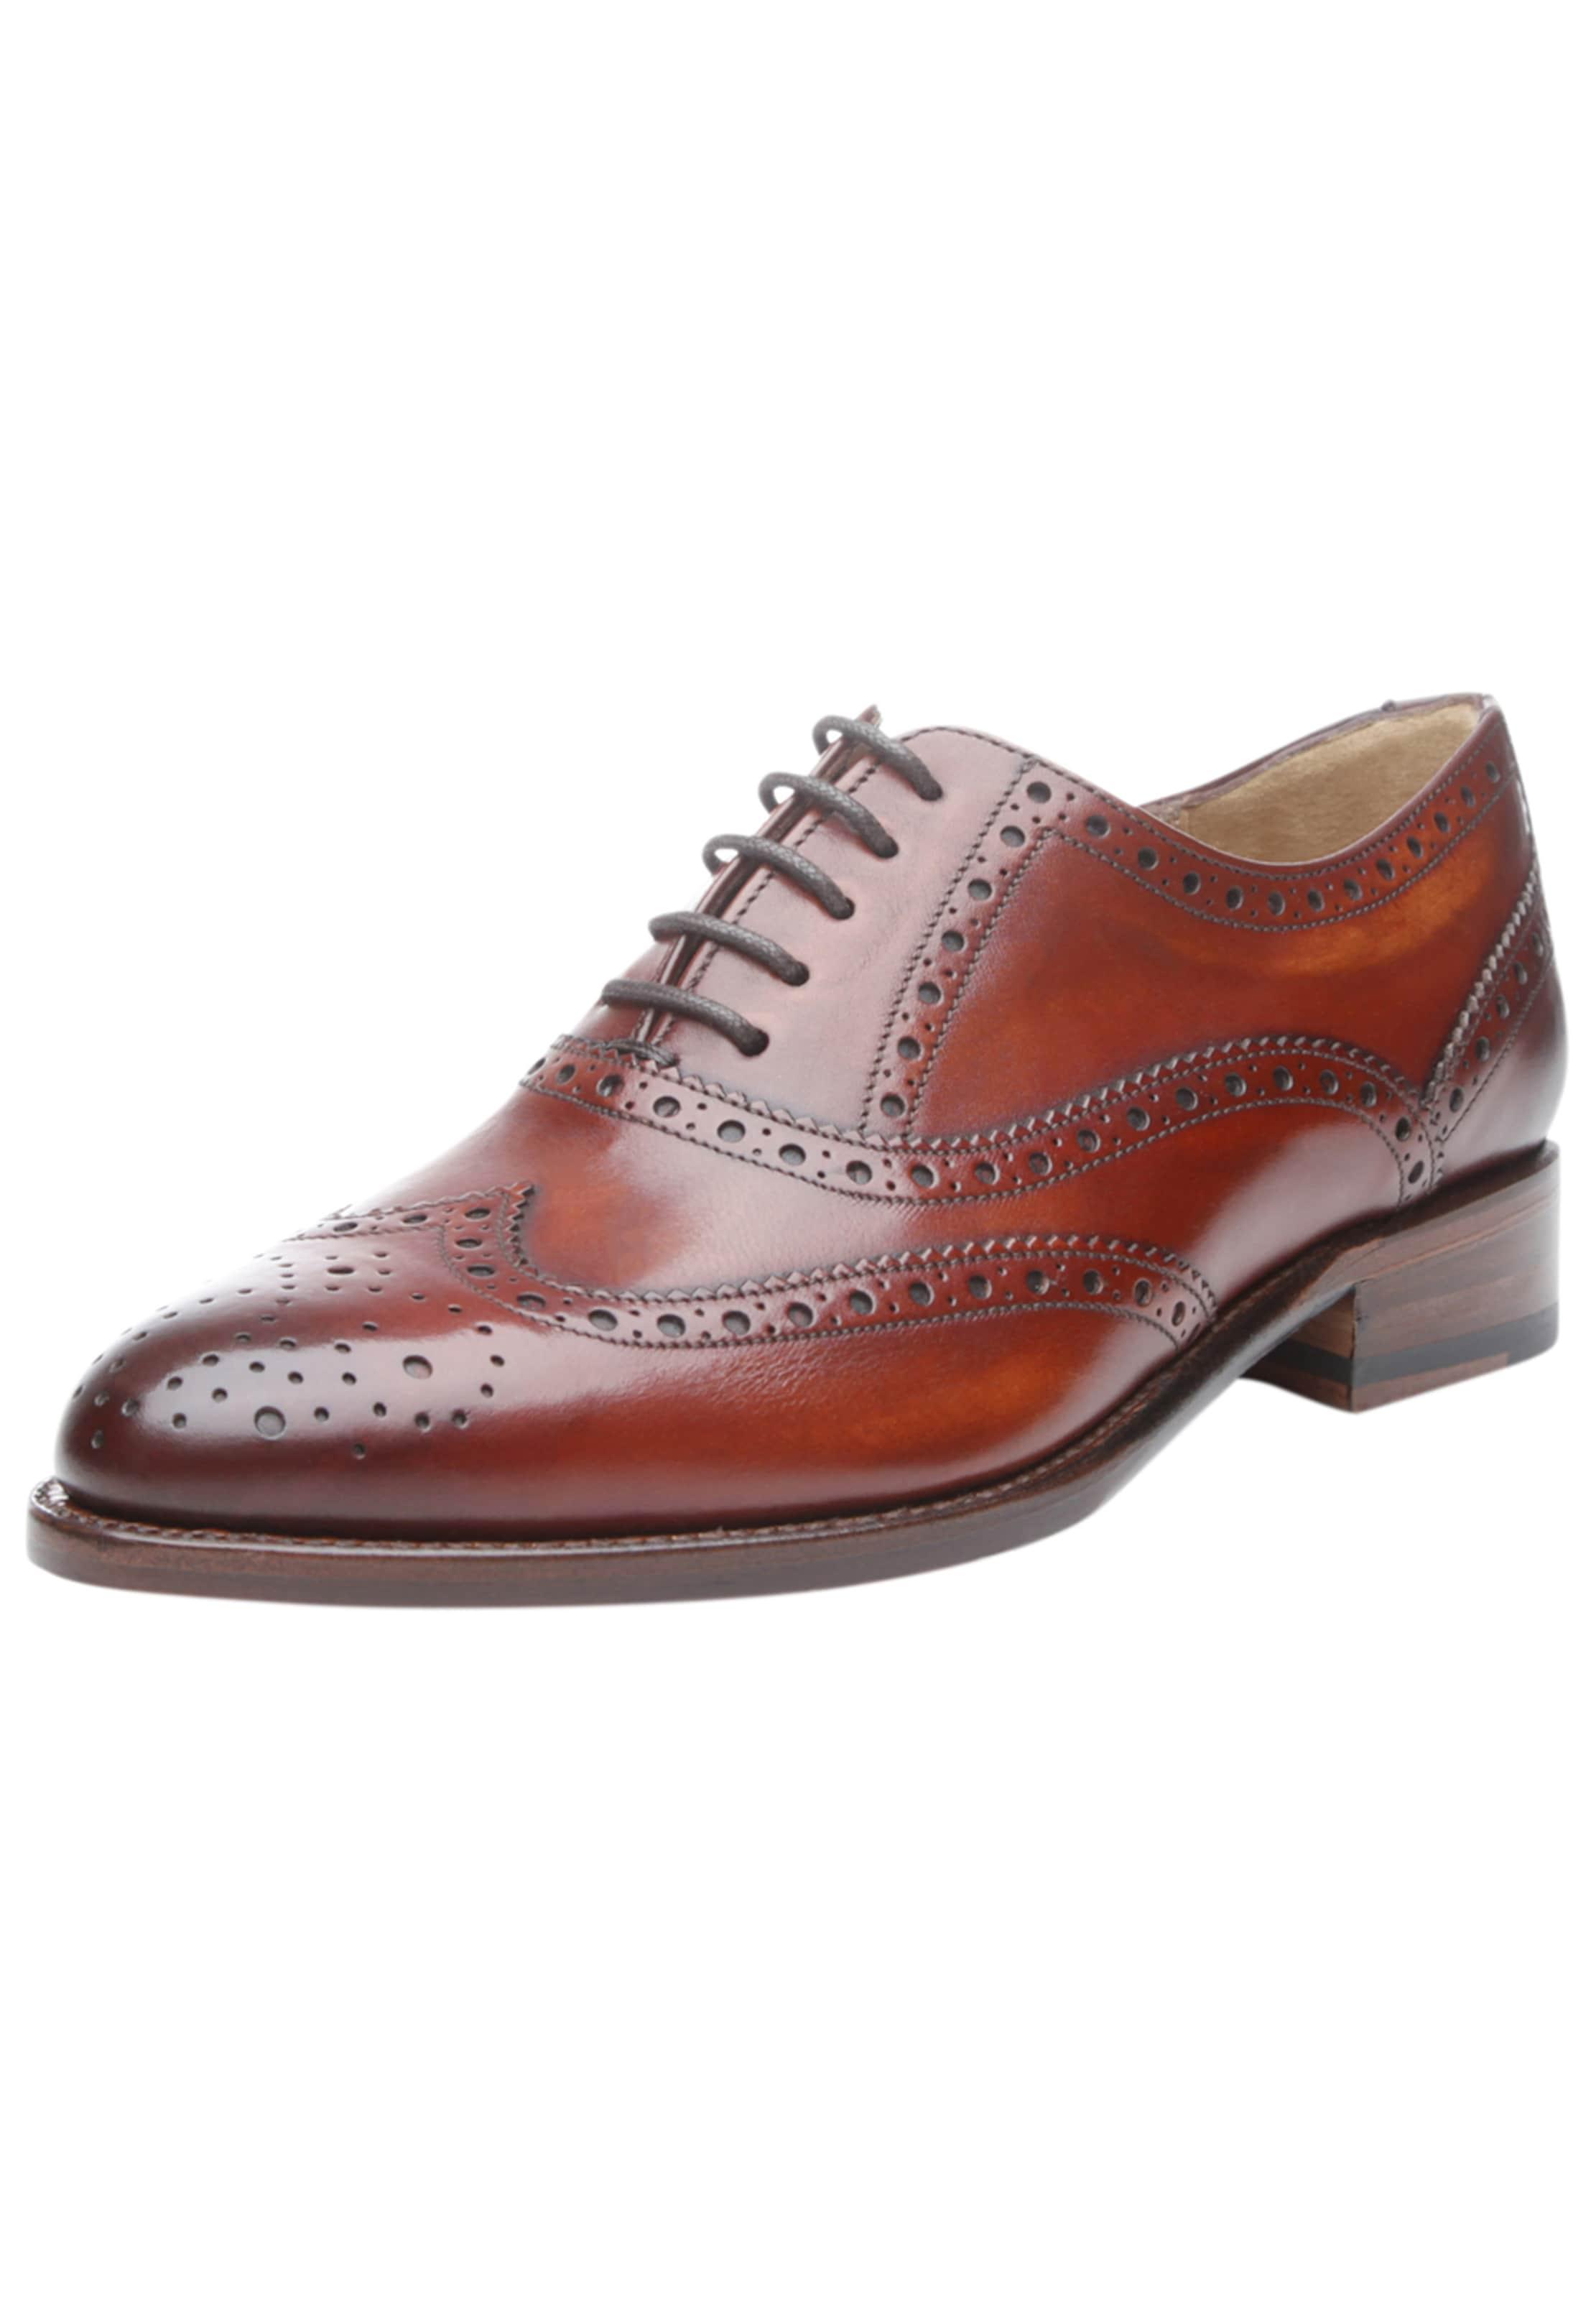 SHOEPASSION Schnürschuhe No. 1151 Verschleißfeste billige Schuhe